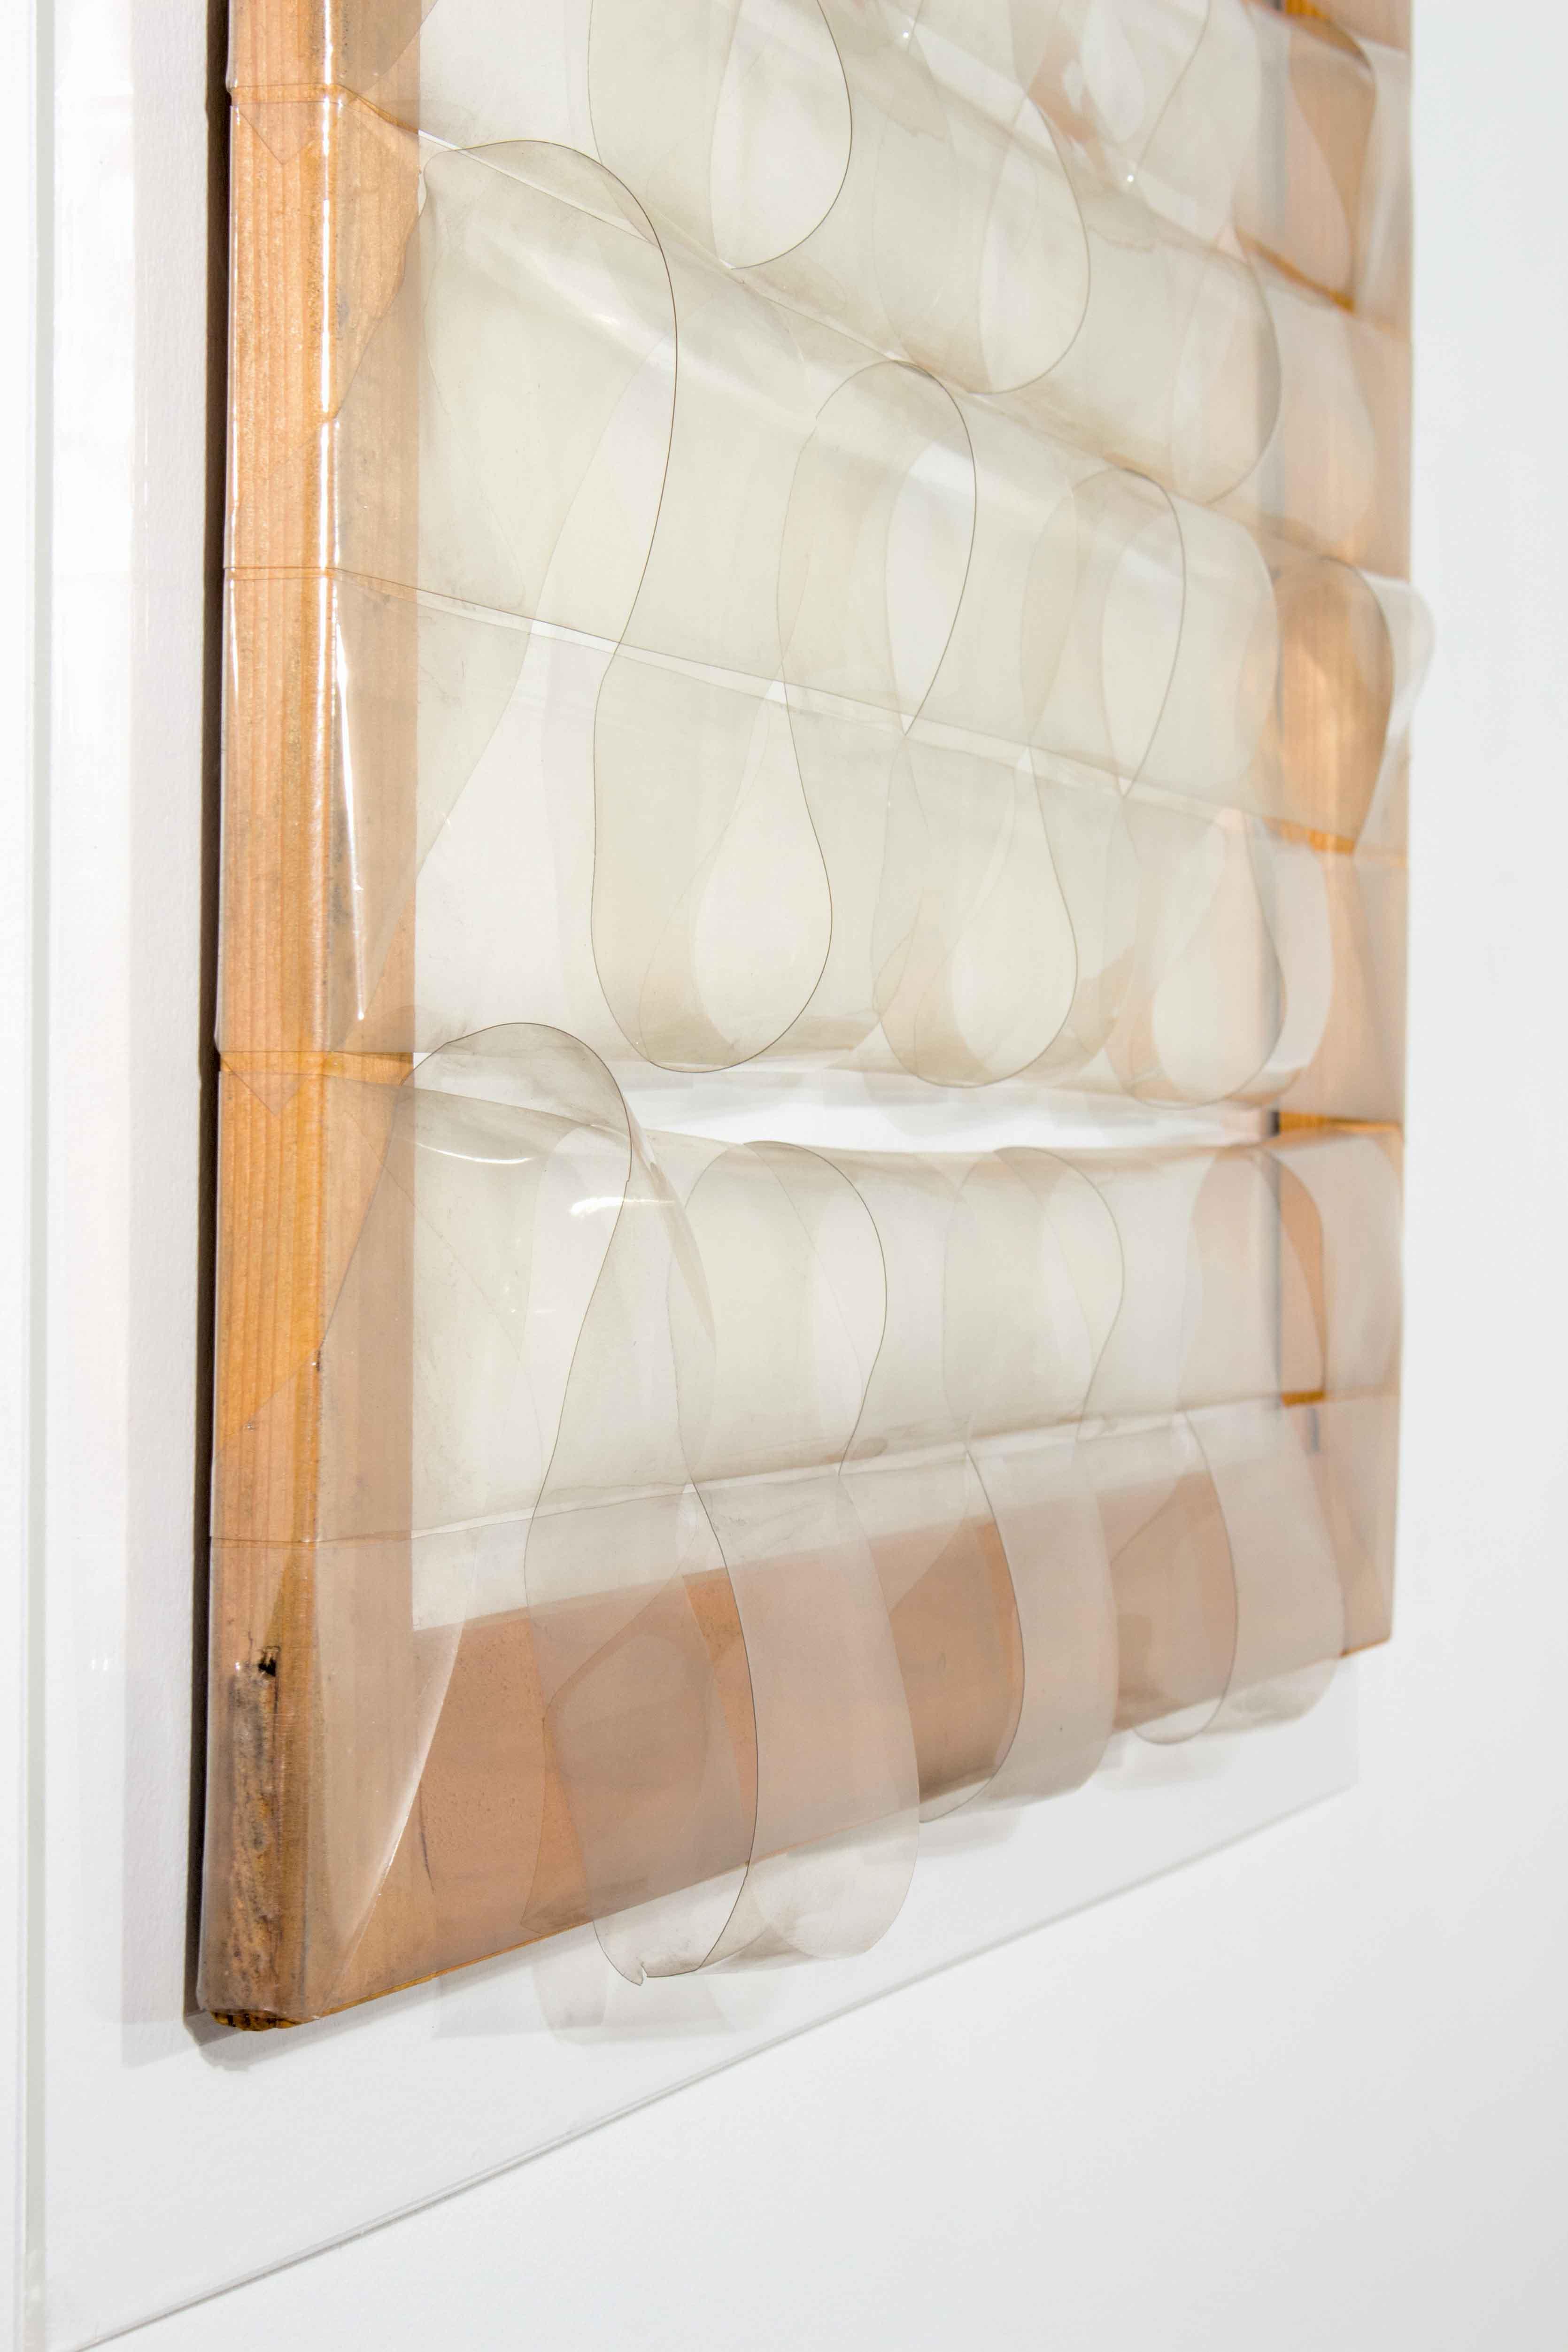 Trasparente (1975), de Carla Accardi. Sicofoil sur bois, 72 x 72 cm.